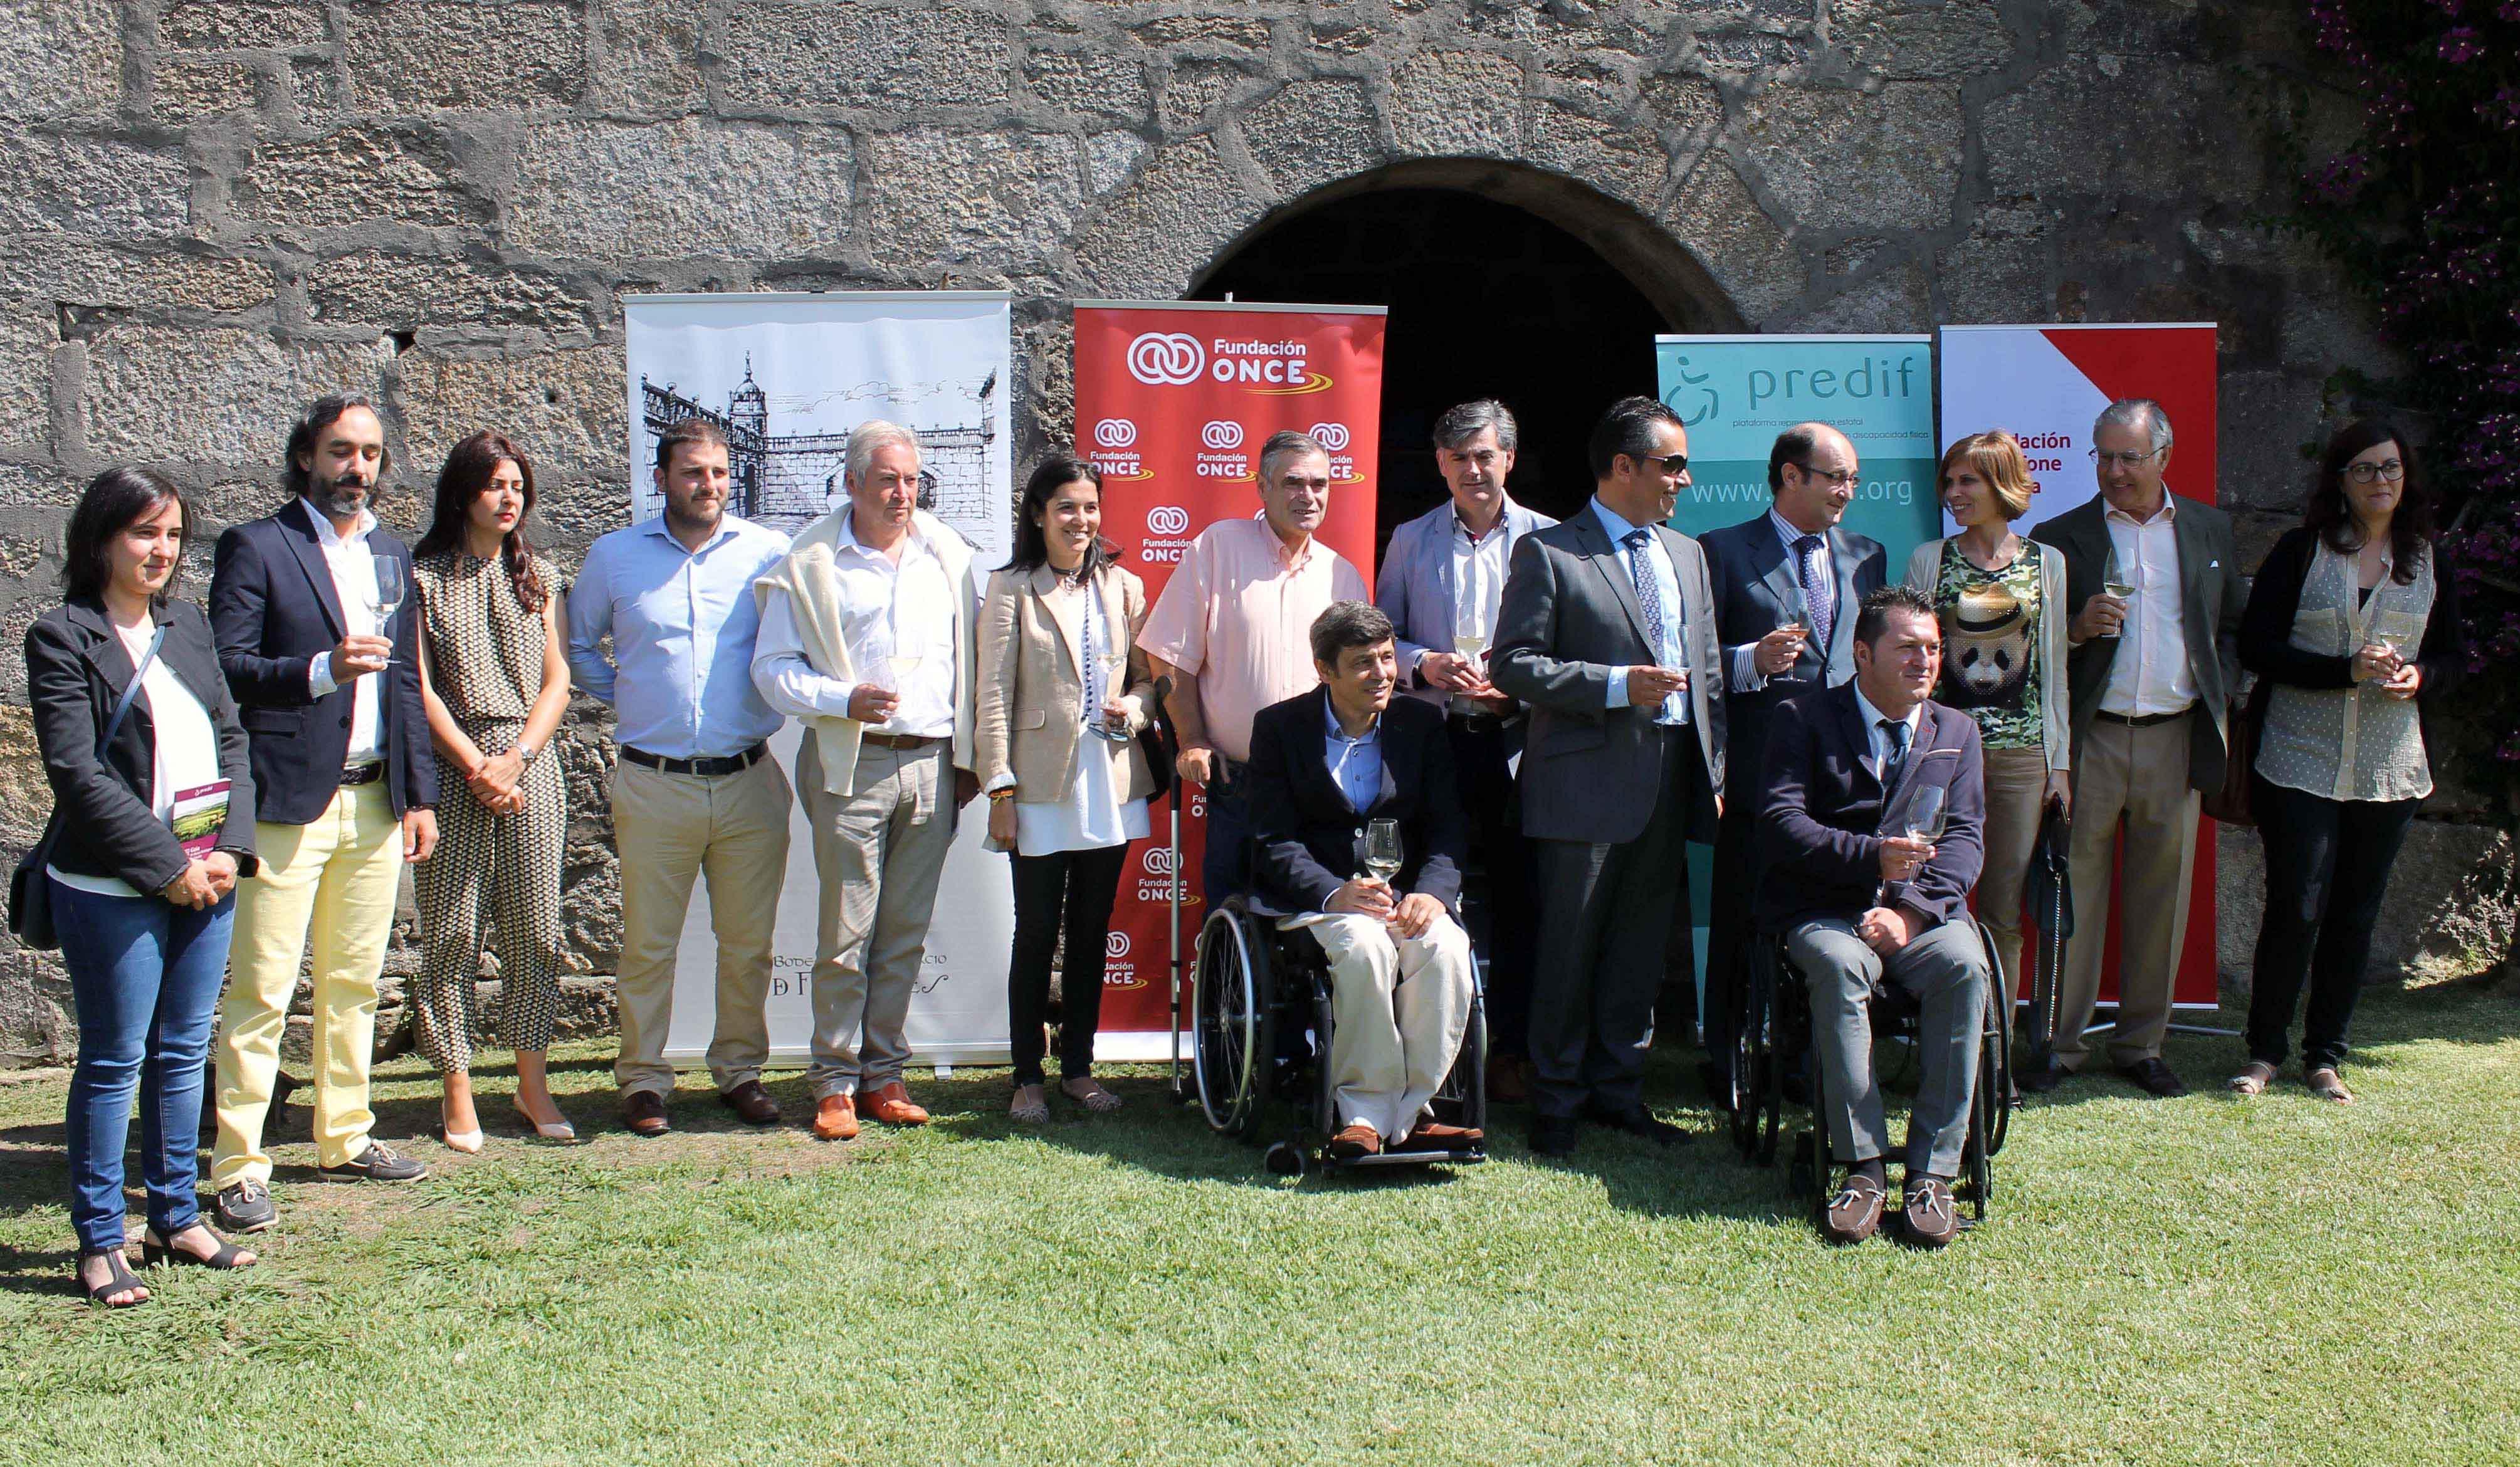 La Ruta do Viño Rías Baixas, el único itinerario gallego incluído en la Guía de Rutas Enológicas de España editada por PREDIF